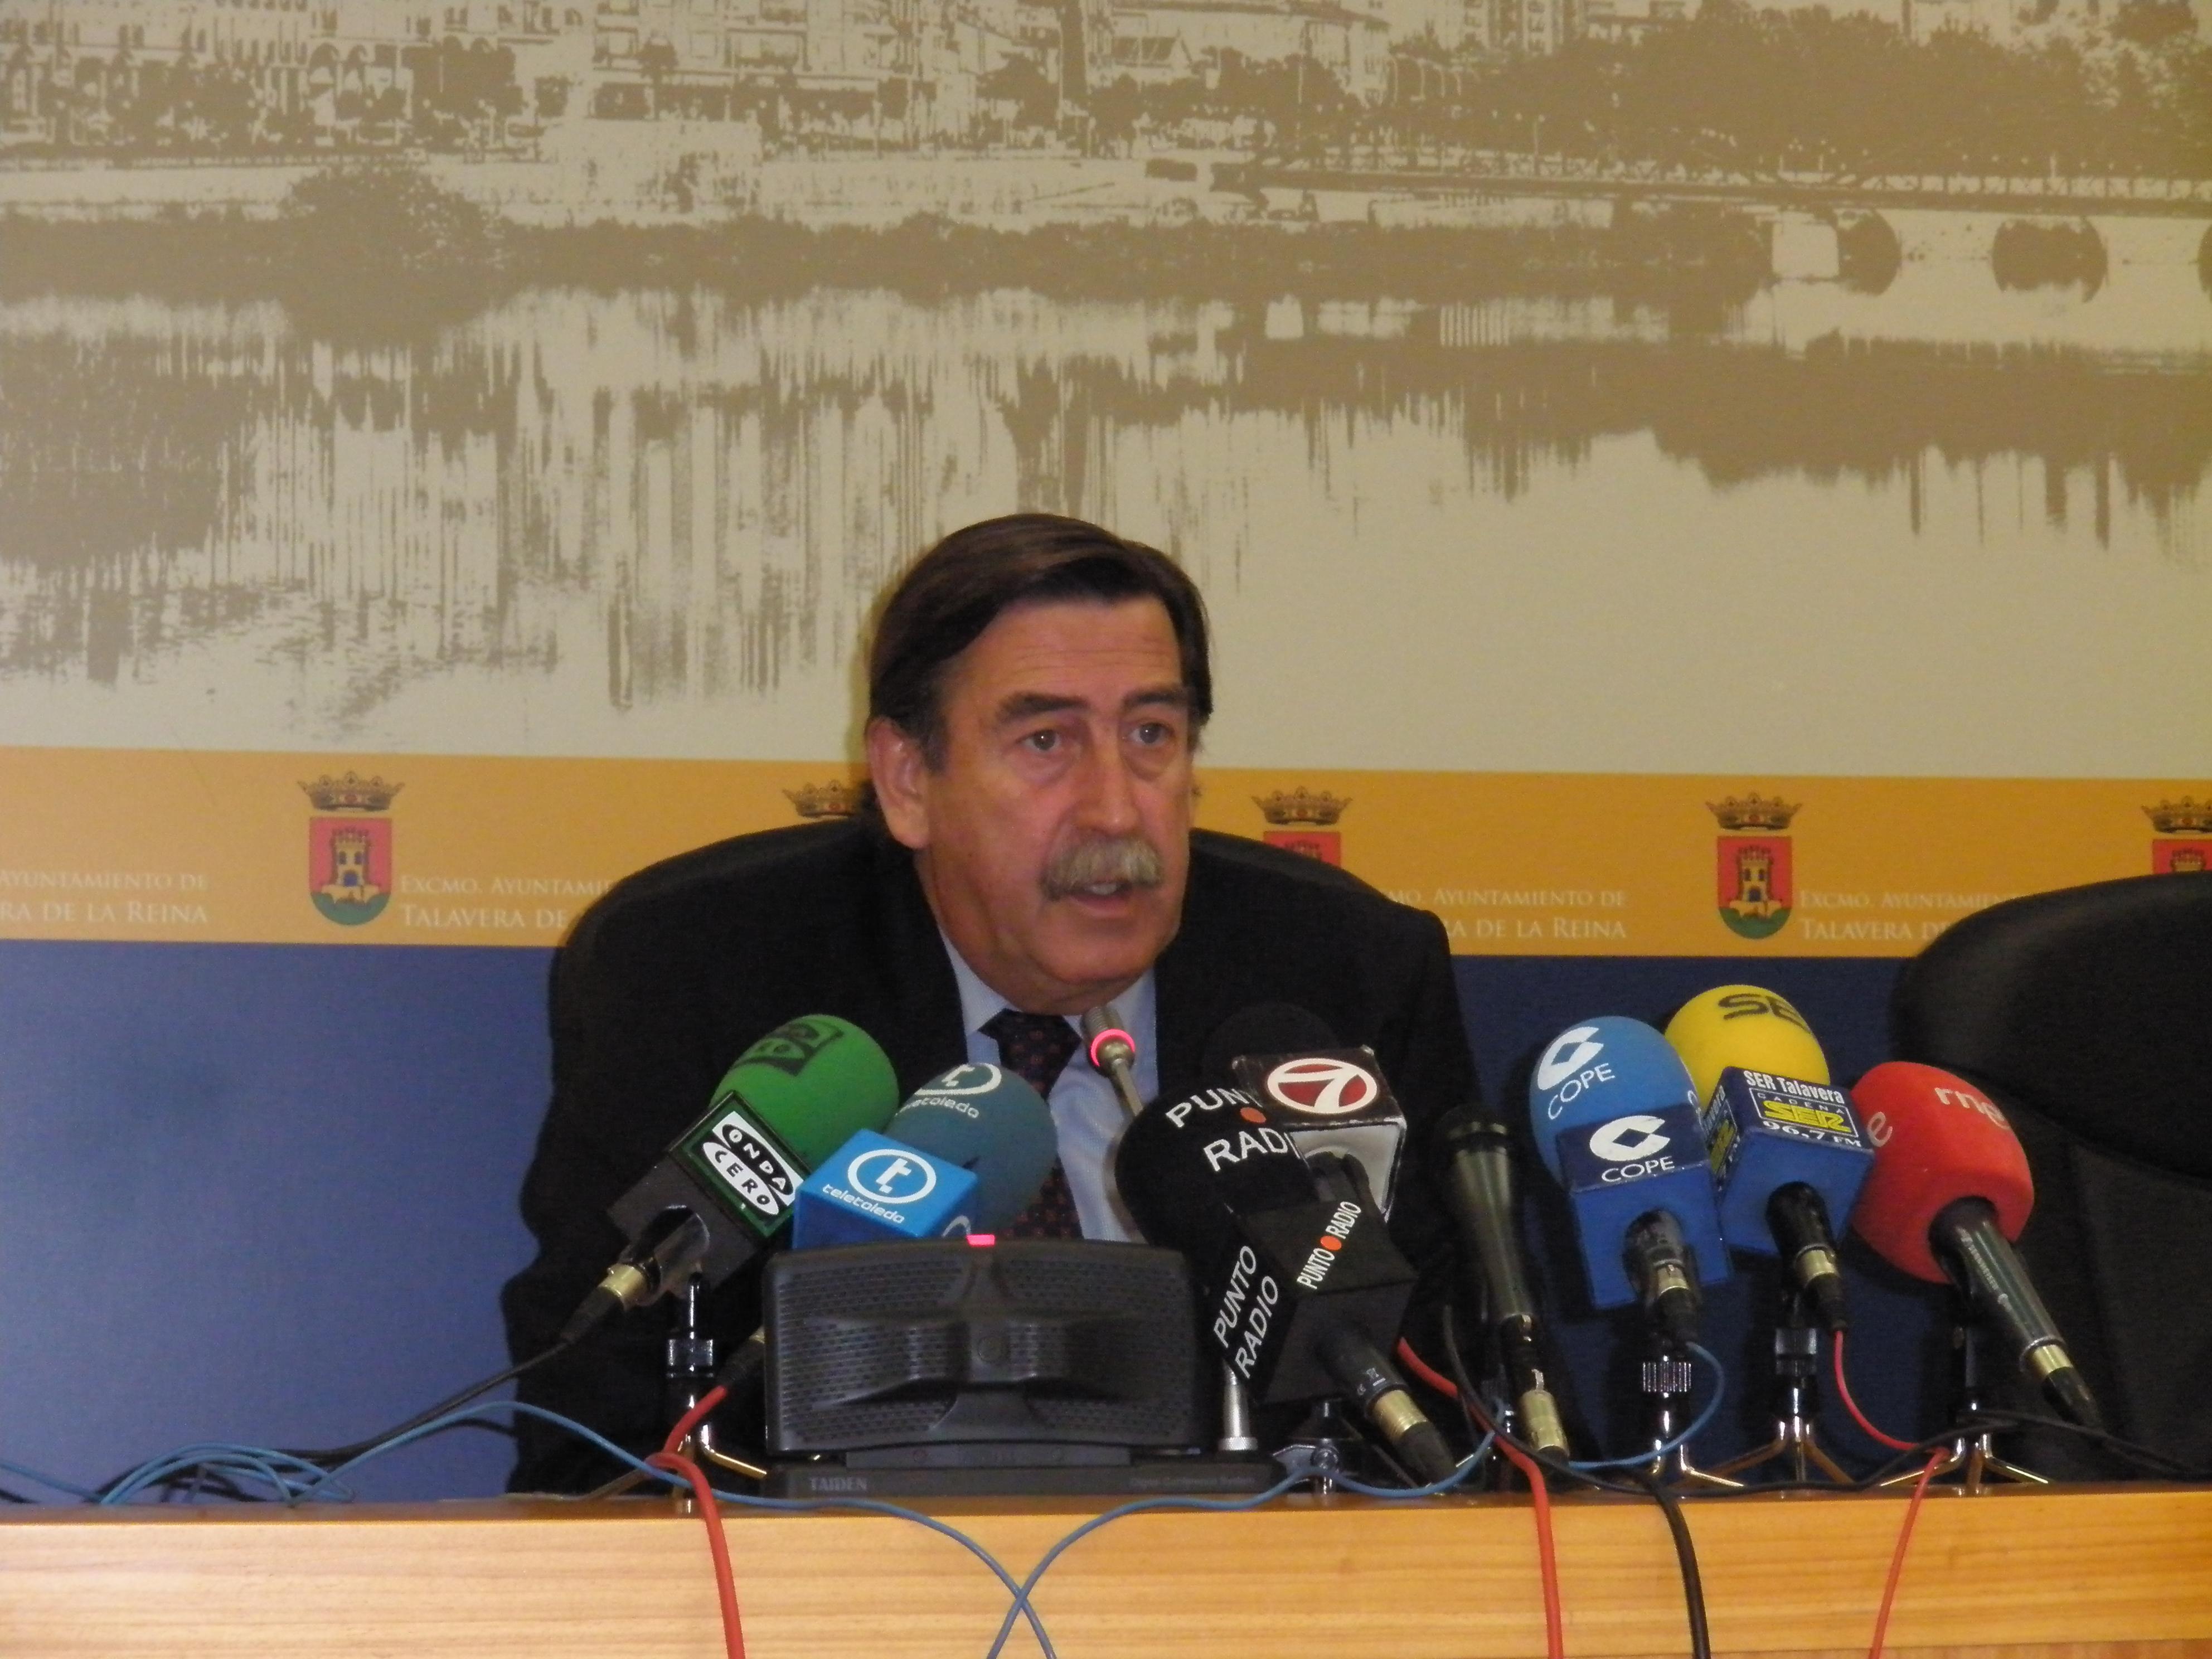 El Alcalde asegura sentirse orgulloso de que el PP celebre su XII Congreso regional en Talavera